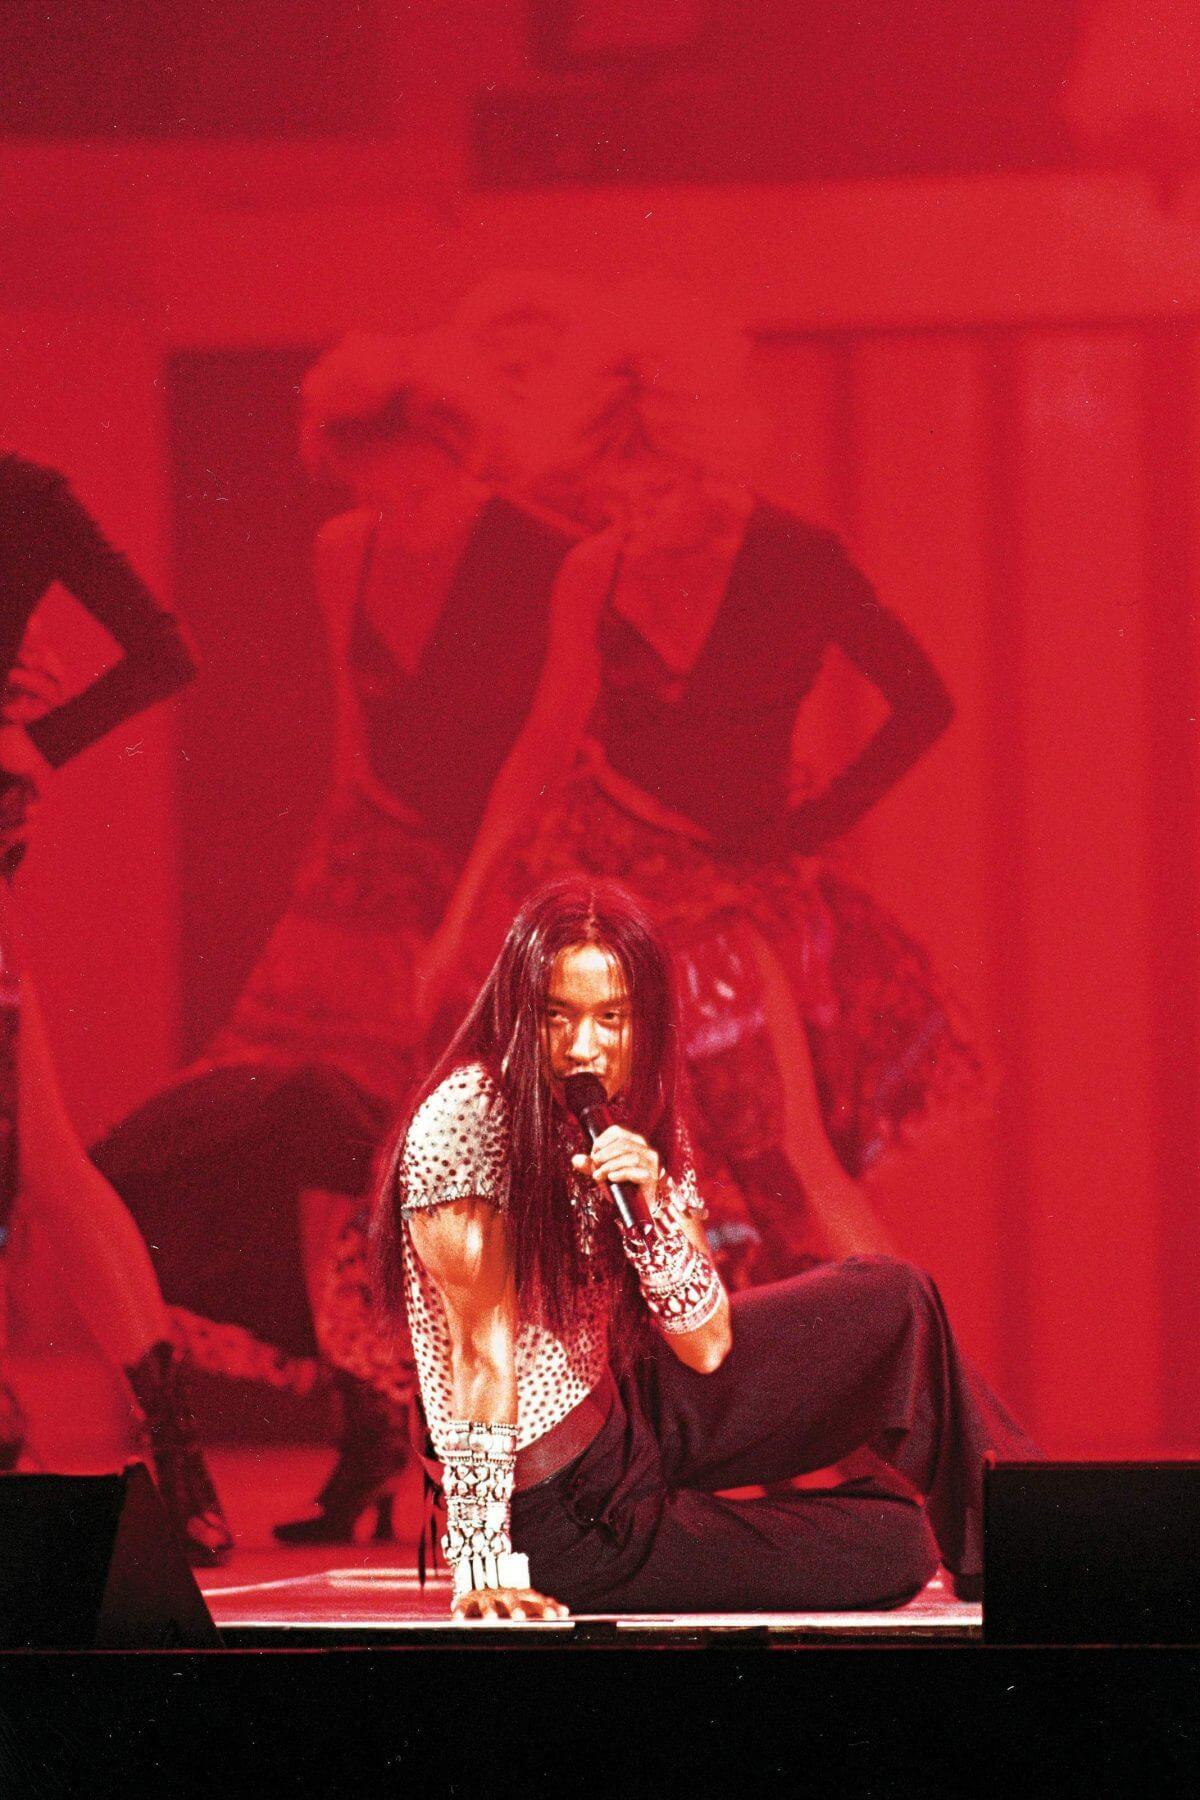 二〇〇〇年熱情演唱會,張國榮以男兒身演繹何謂「顛倒眾生」。